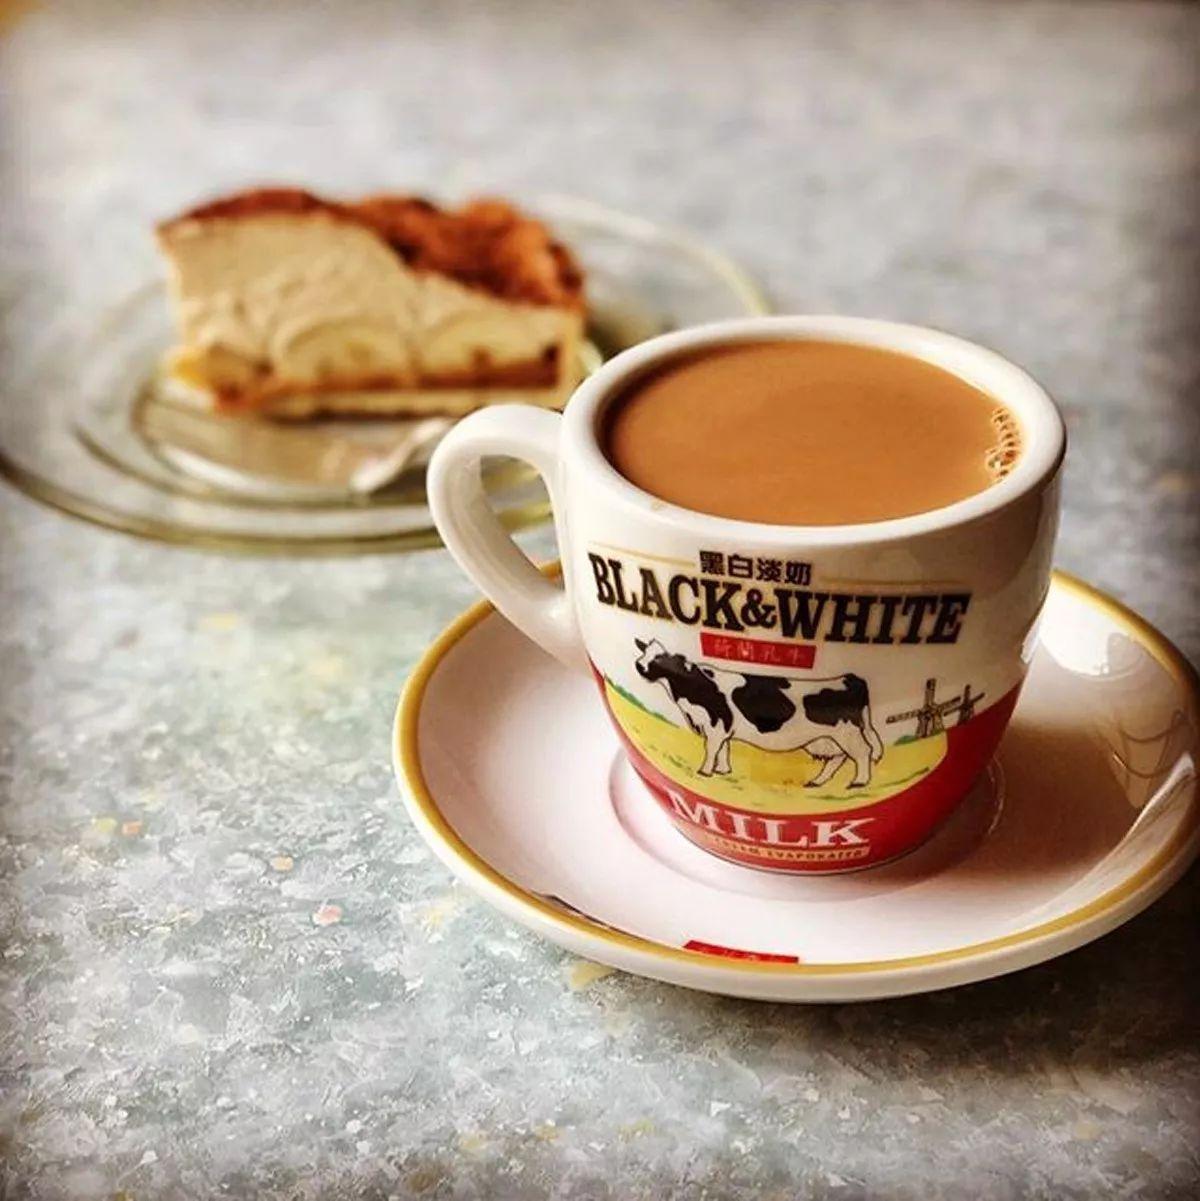 菲仕蘭香港版黑白淡奶杯碟 港式茶餐廳奶茶杯咖啡杯套220ml陶瓷杯